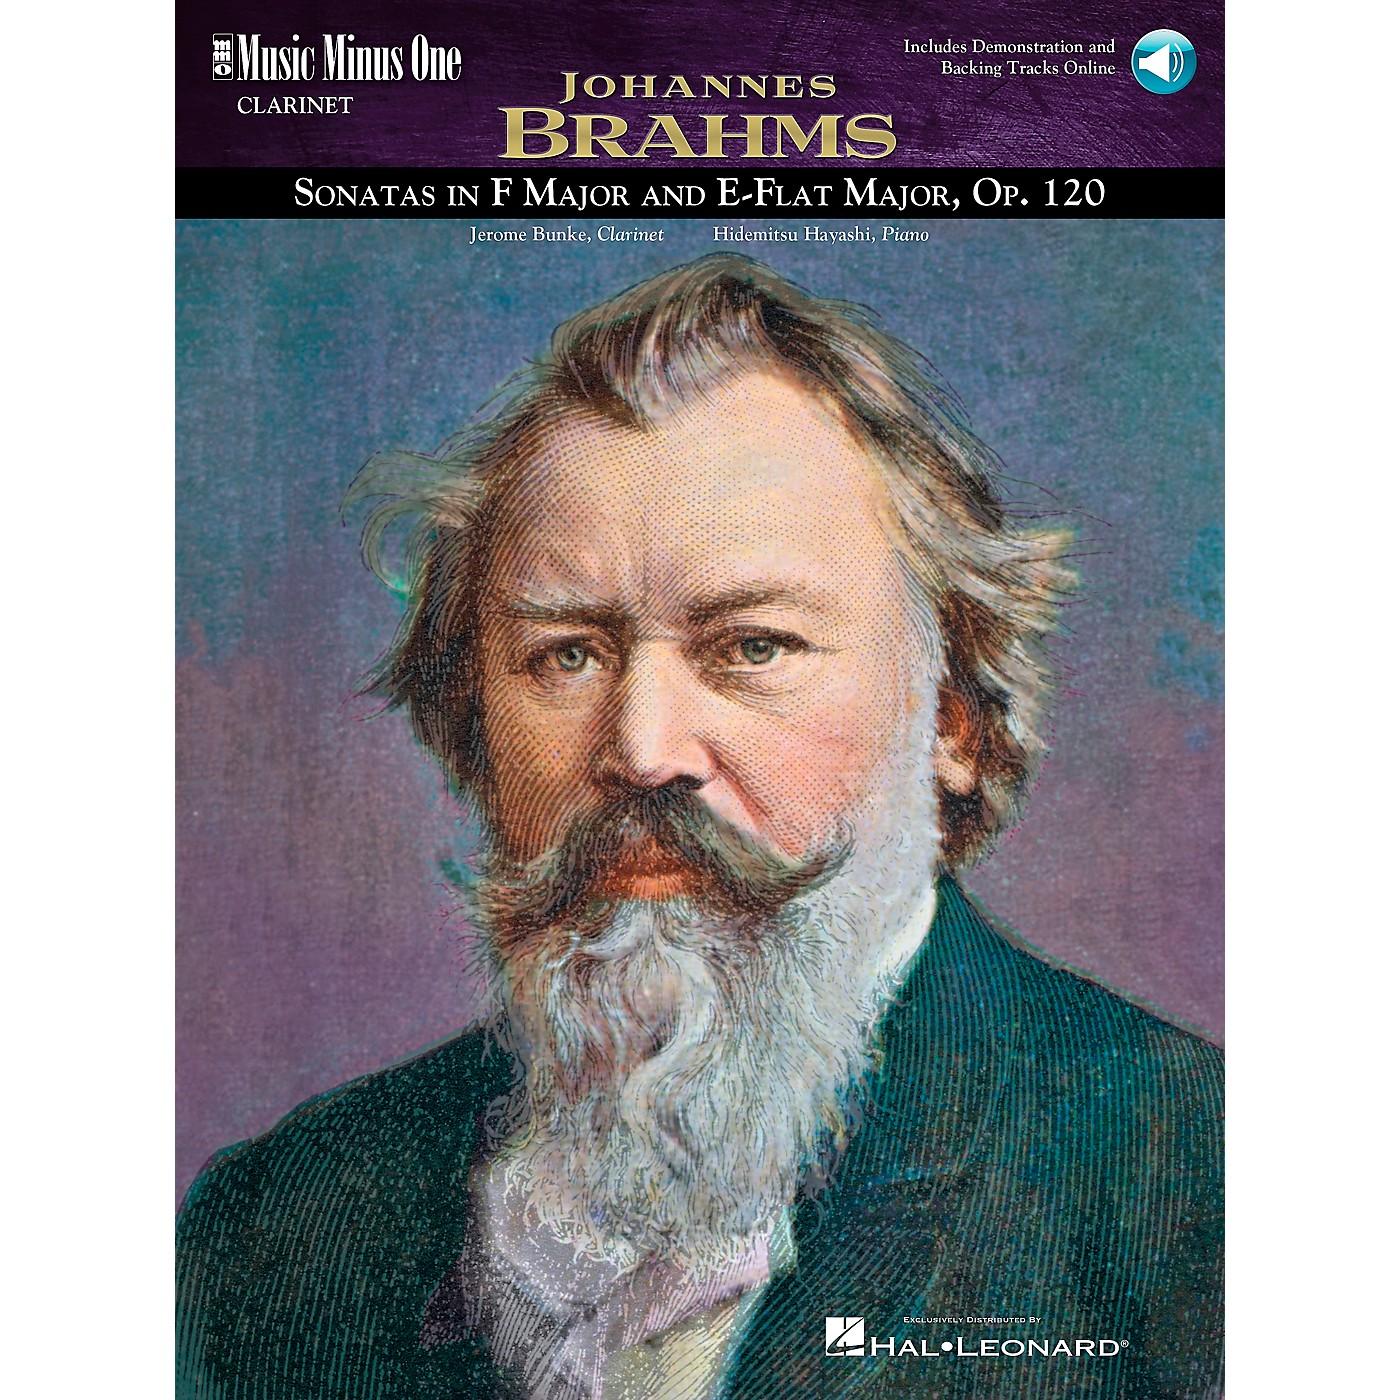 Hal Leonard Clarinet Brahms Sonata thumbnail